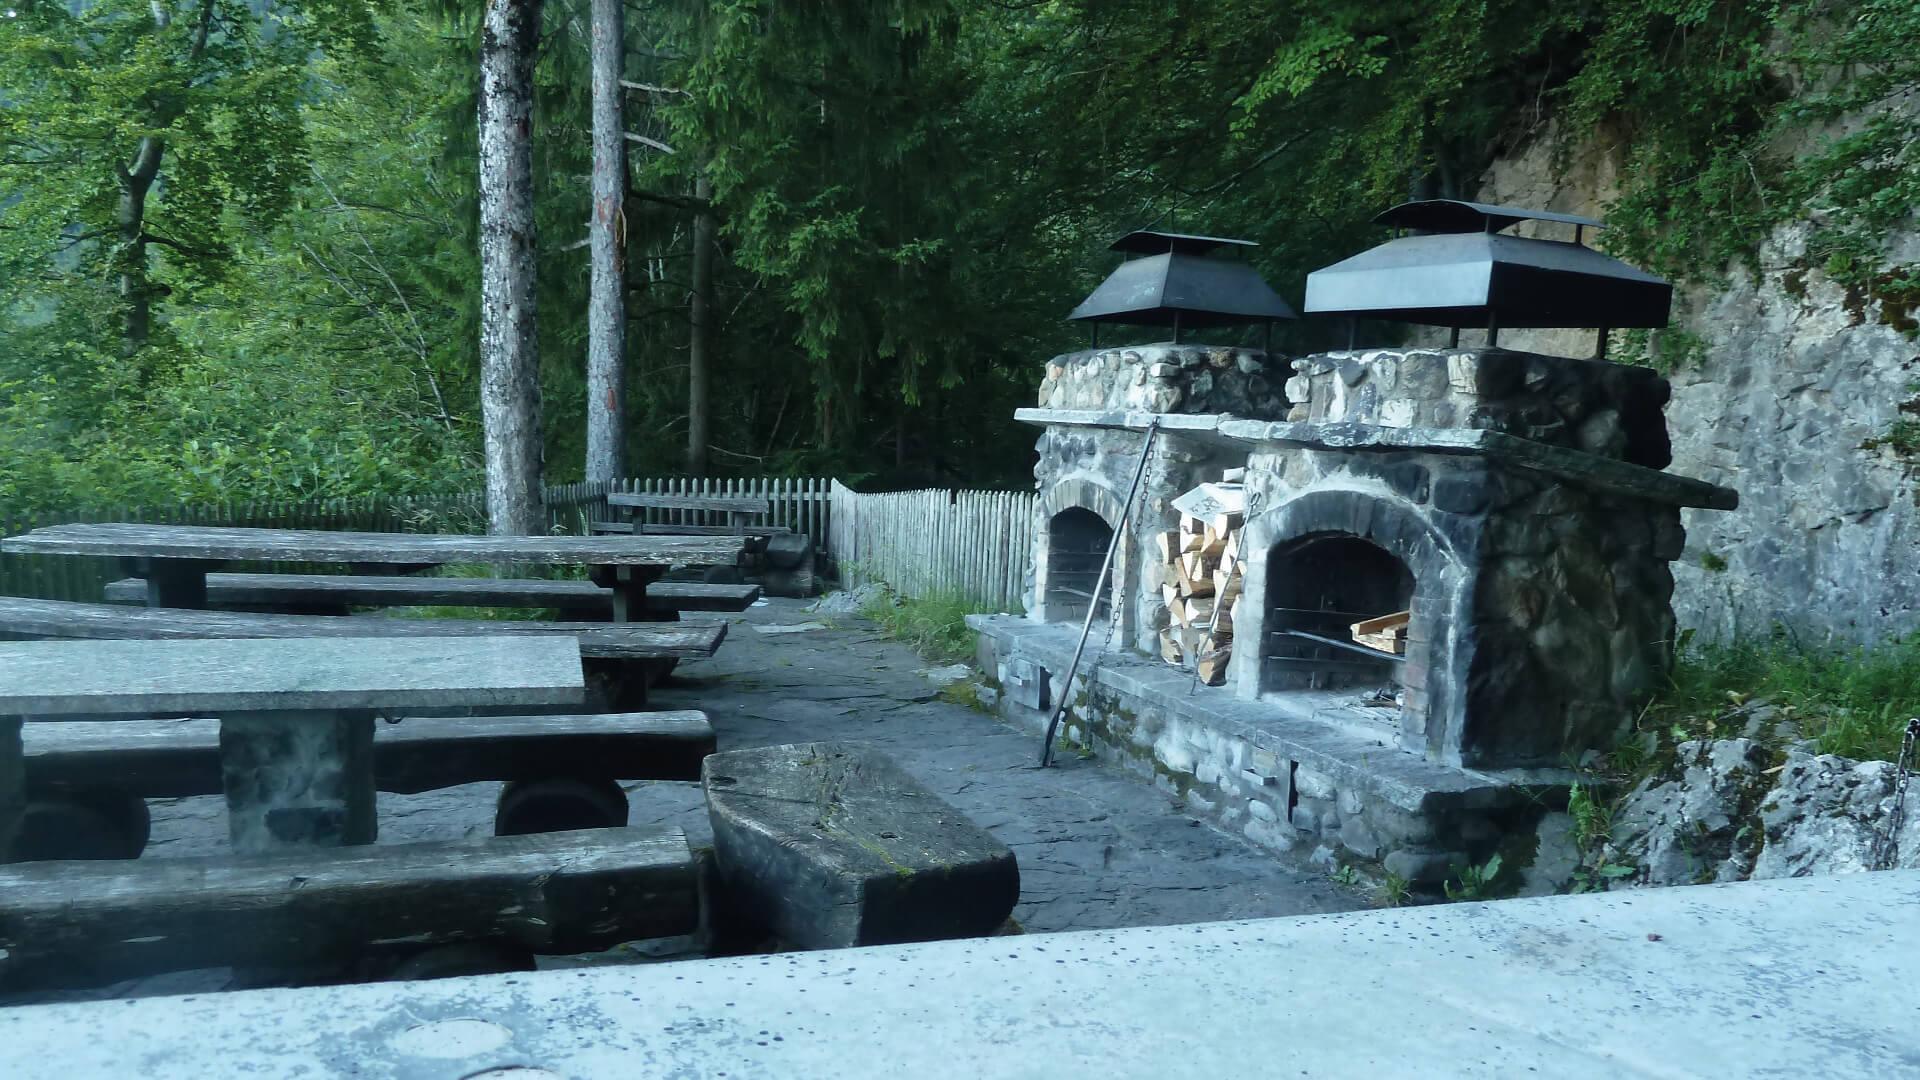 sigriswil-braetliplatz-wyssental-feuerstelle-sommer